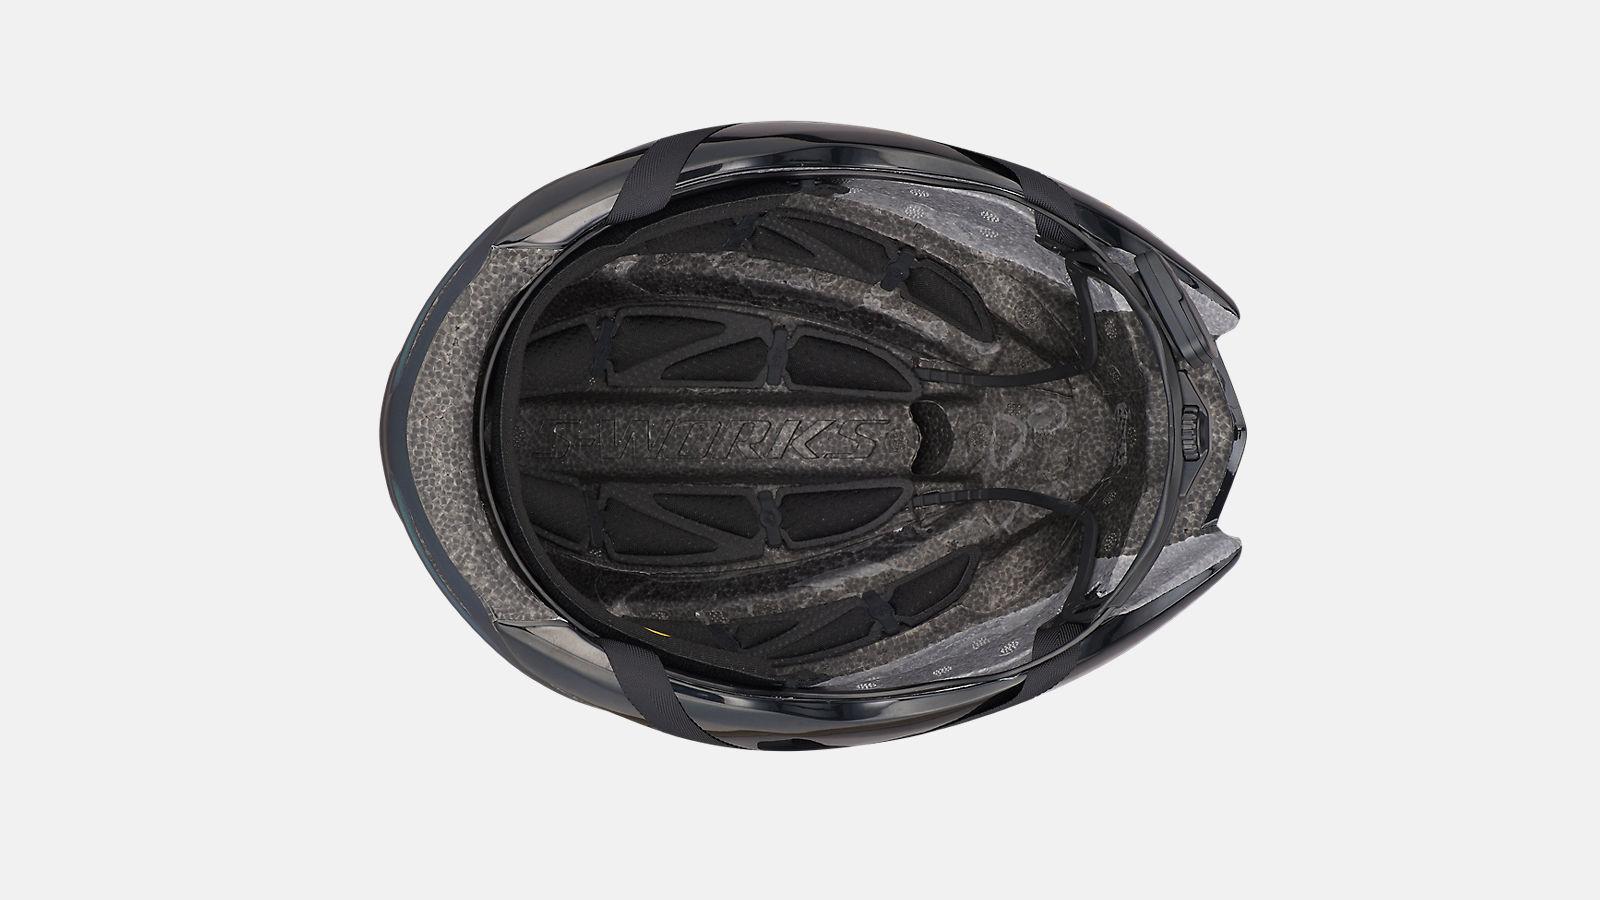 Immagine di SPECIALIZED CASCO S-WORKS EVADE II CON ANGI Satin Chameleon/Gloss Black